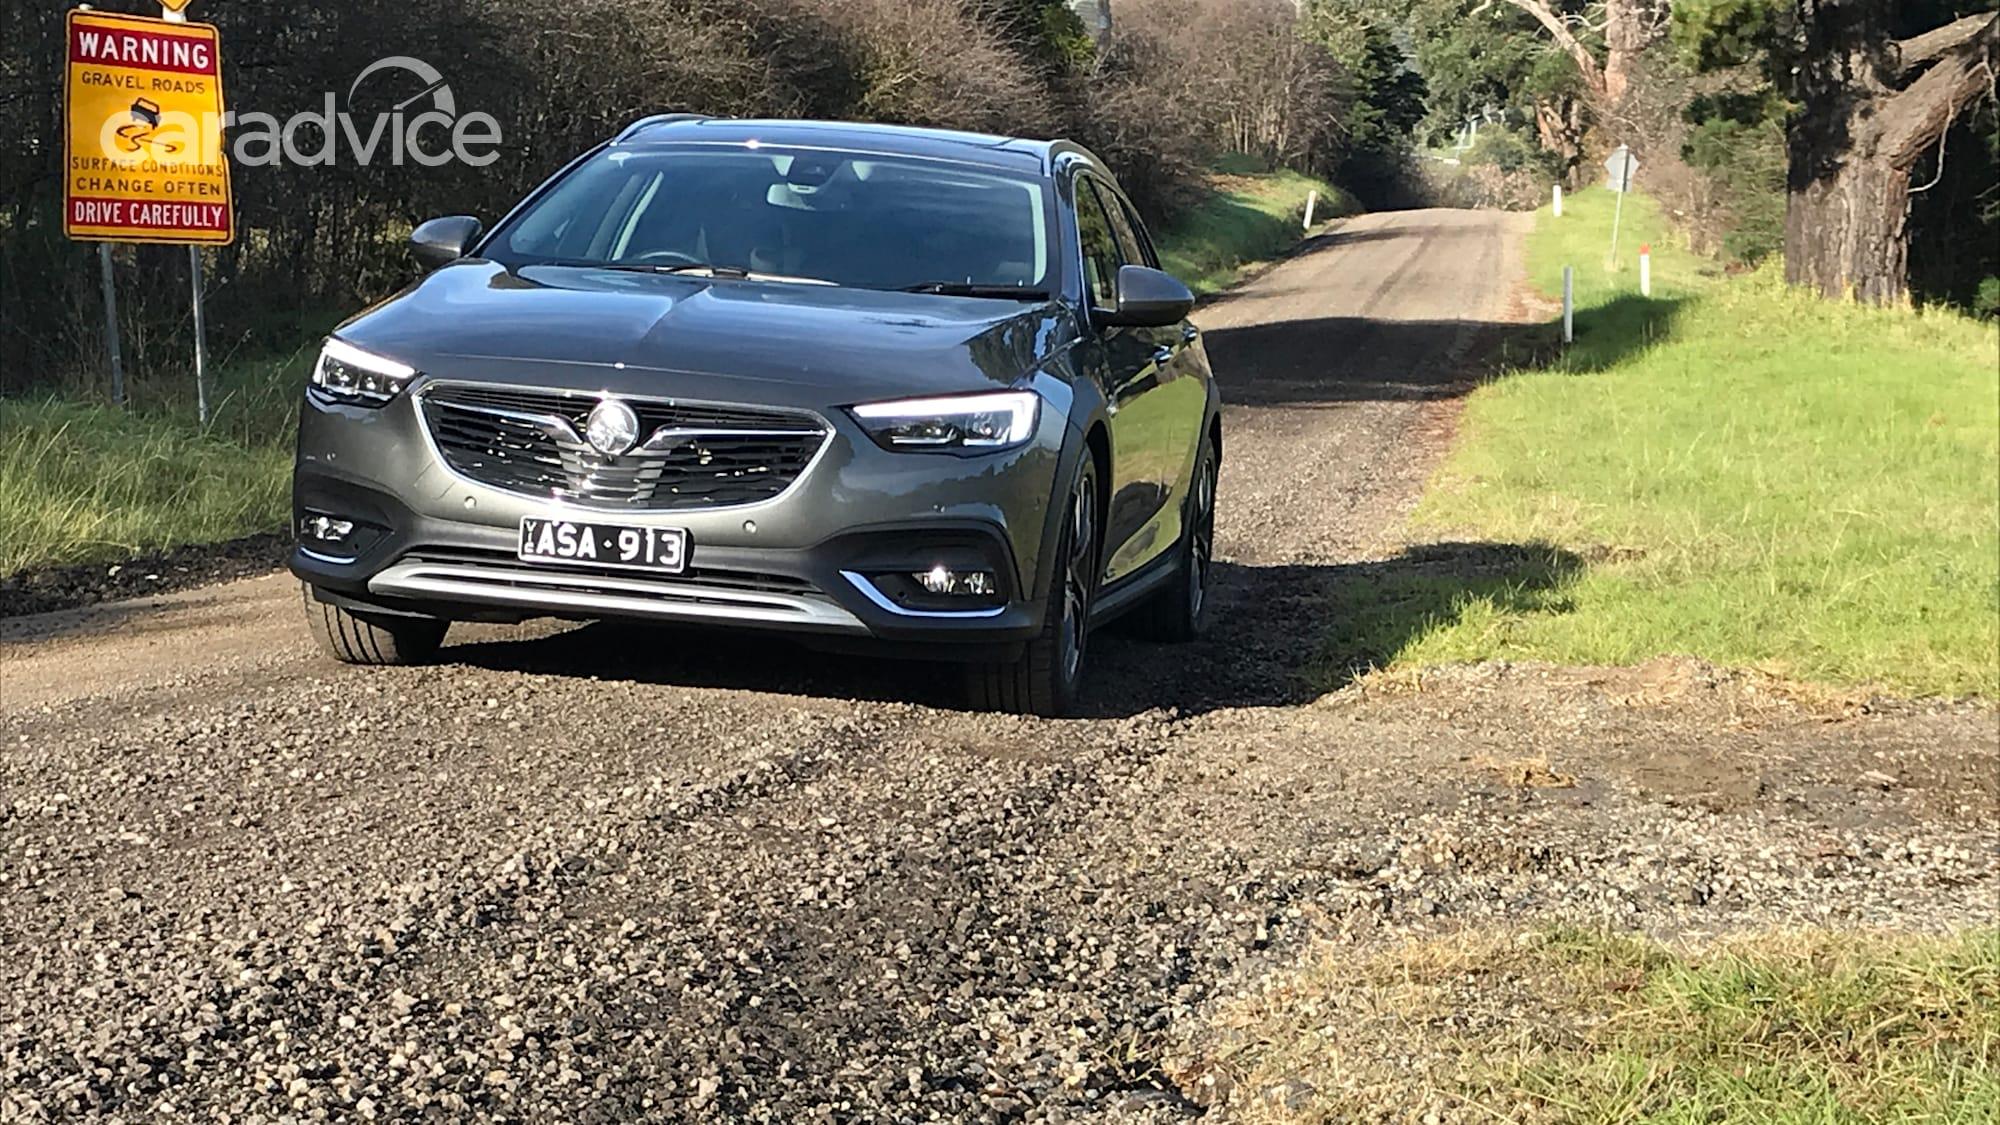 2019 Holden Commodore Calais V Tourer: Reader review ...